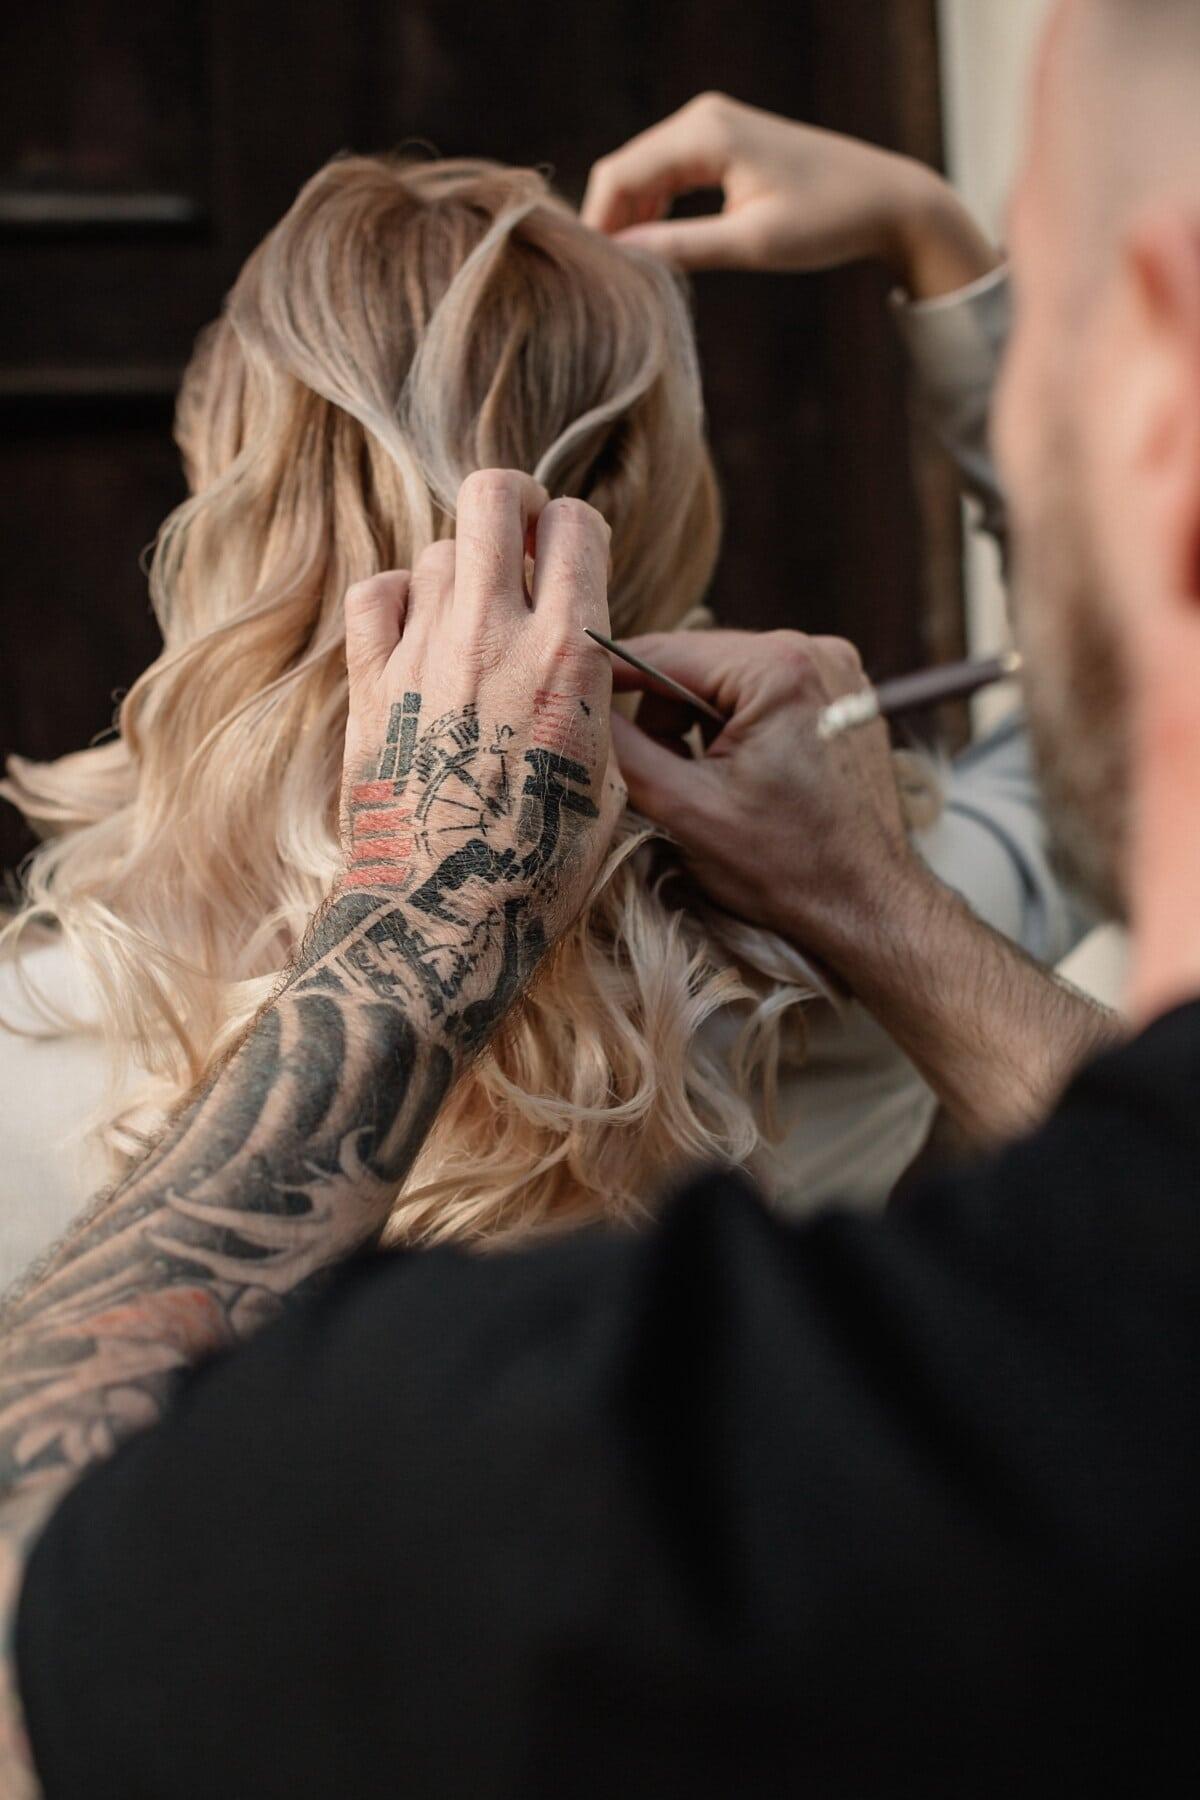 coiffure, coiffeur, cheveux blonds, blonde, tatouage, professionnel, Barbier, mise en plis, Outfit, mode